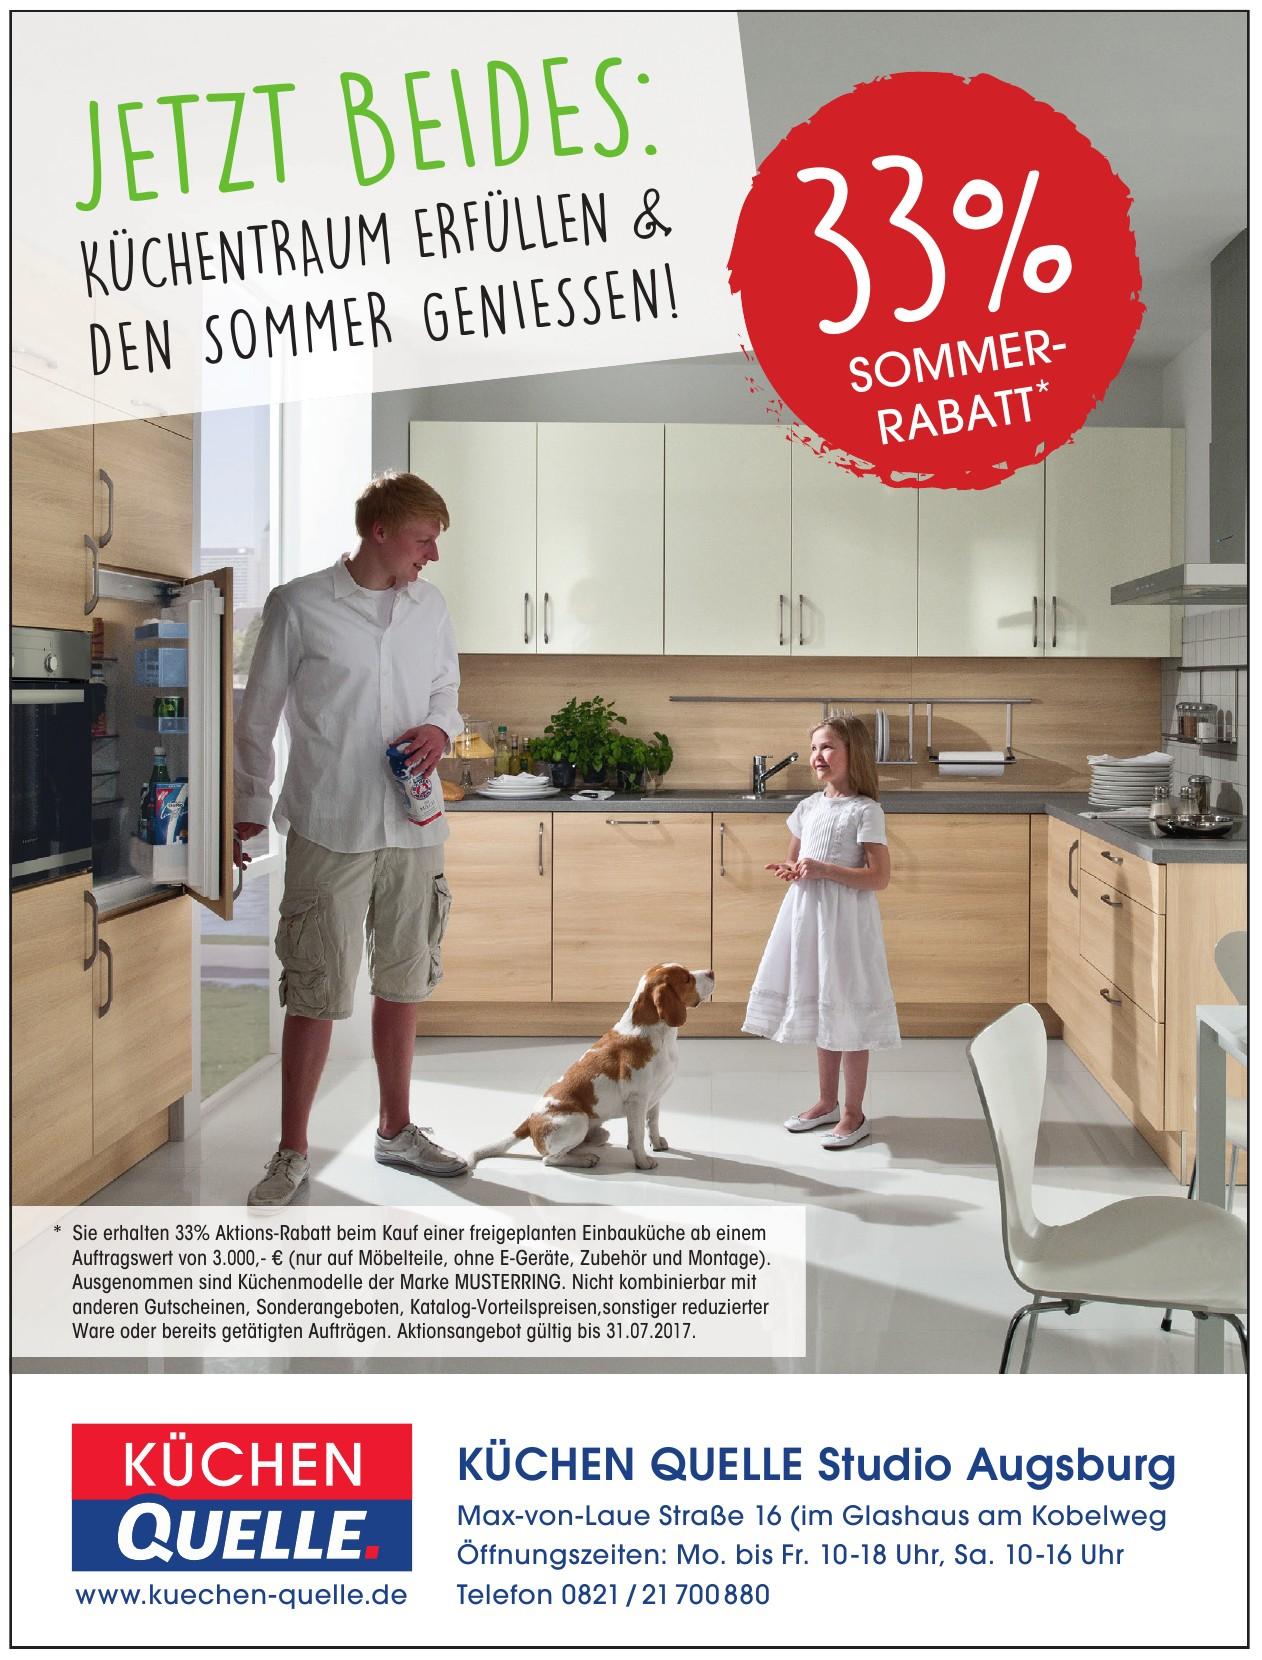 Küchen Quelle Nürnberg Job | Küchen Willi Pfeffer Der Schreiner ...